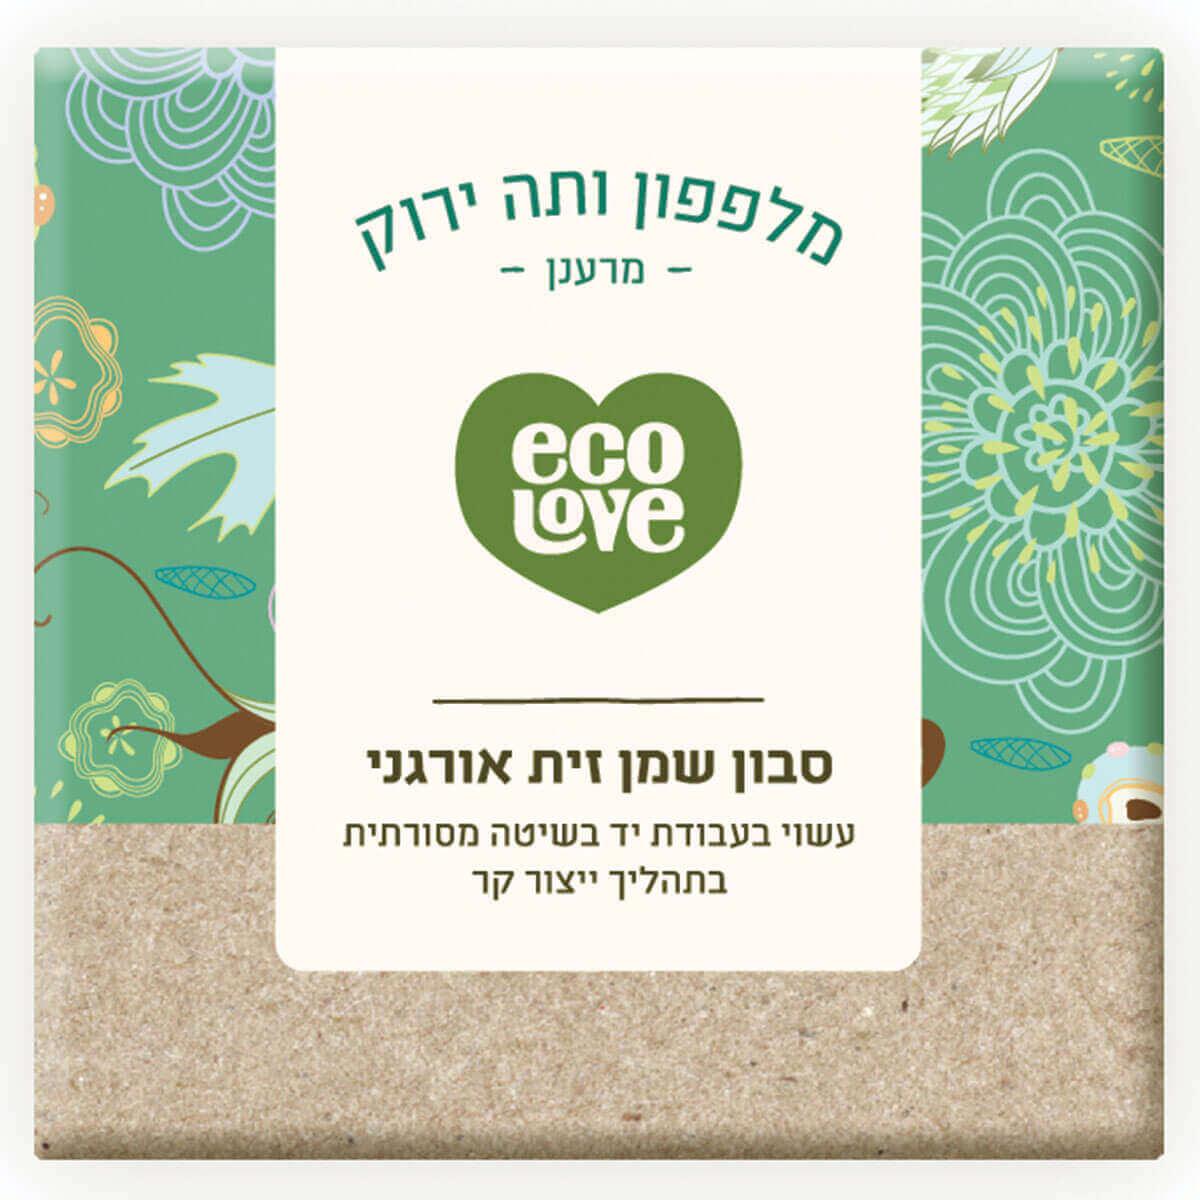 אקו לאב | סבון שמן זית אורגני, מלפפון ותה ירוק - 110 ג' ecoloveתמונה של